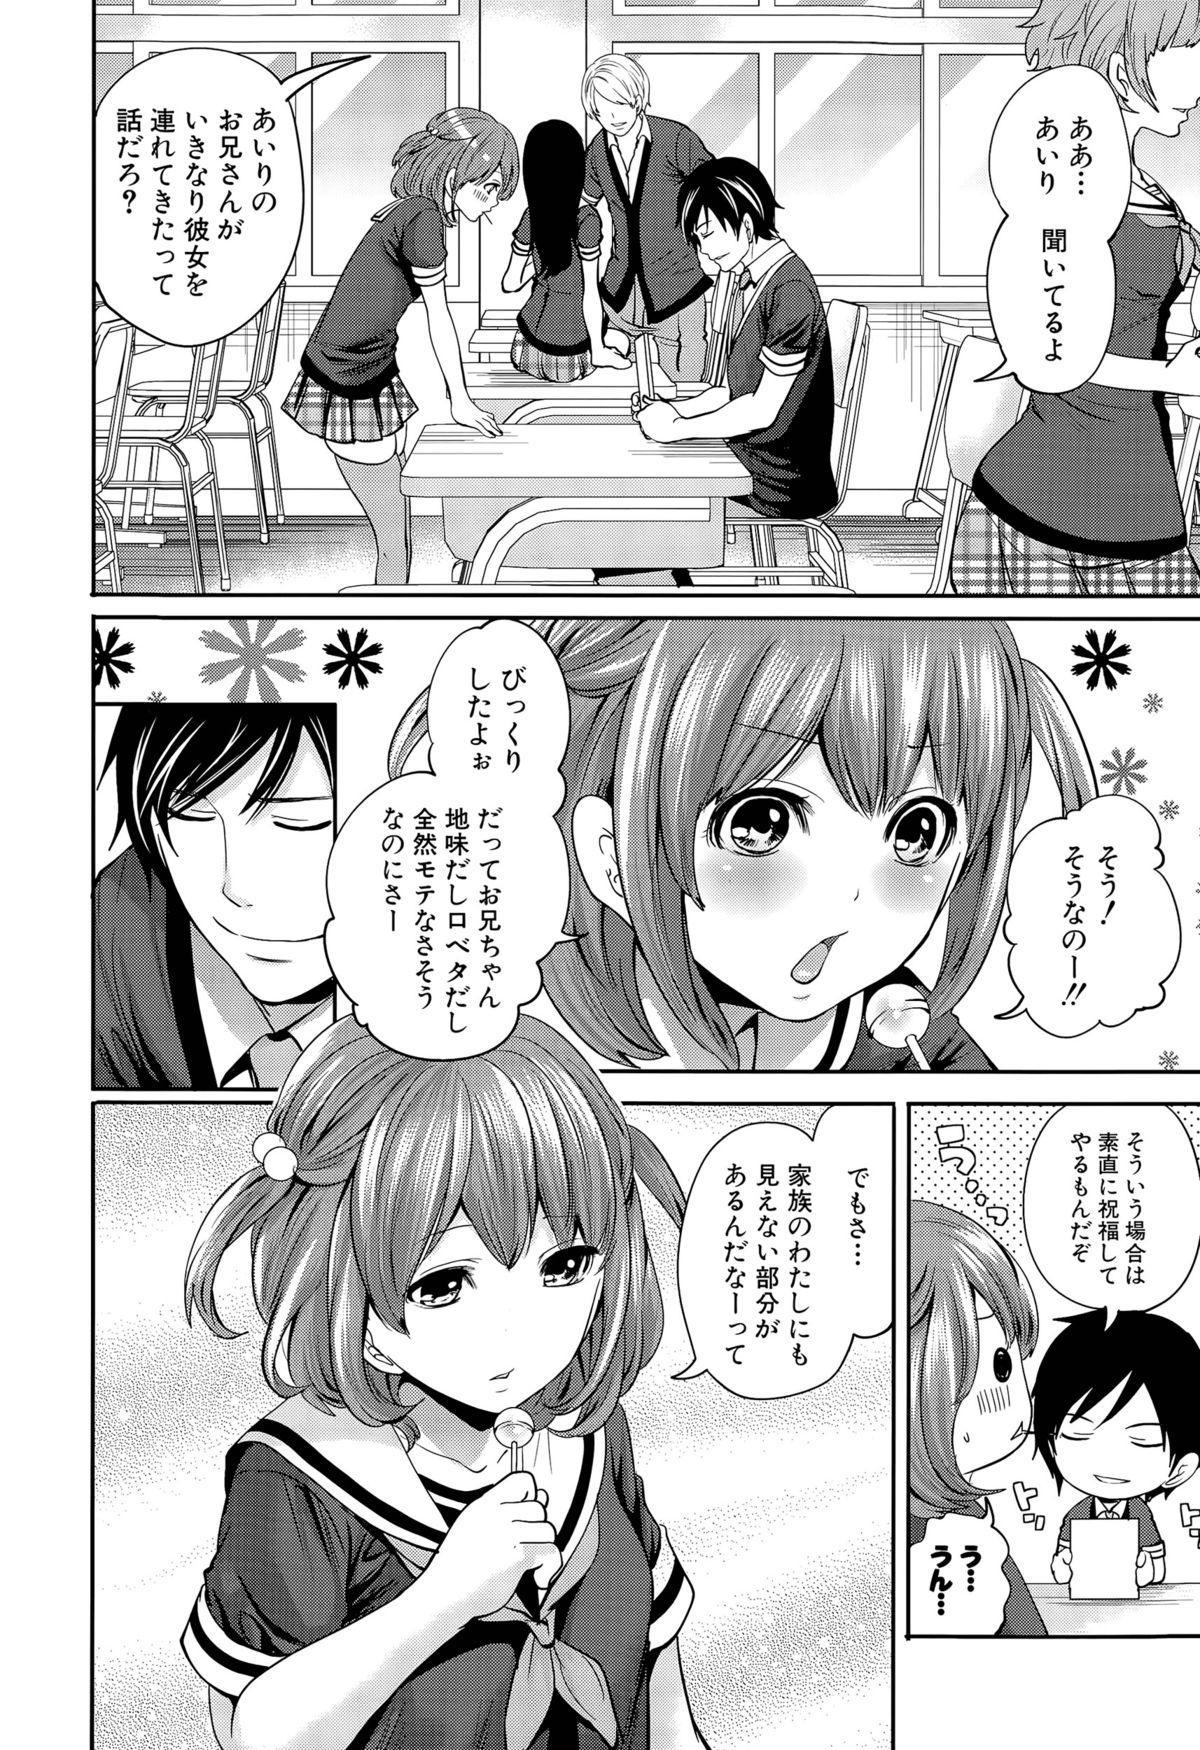 [Miyahara Ayumu] Kanojo-tachi wa Abakareta Ch. 1-2 41